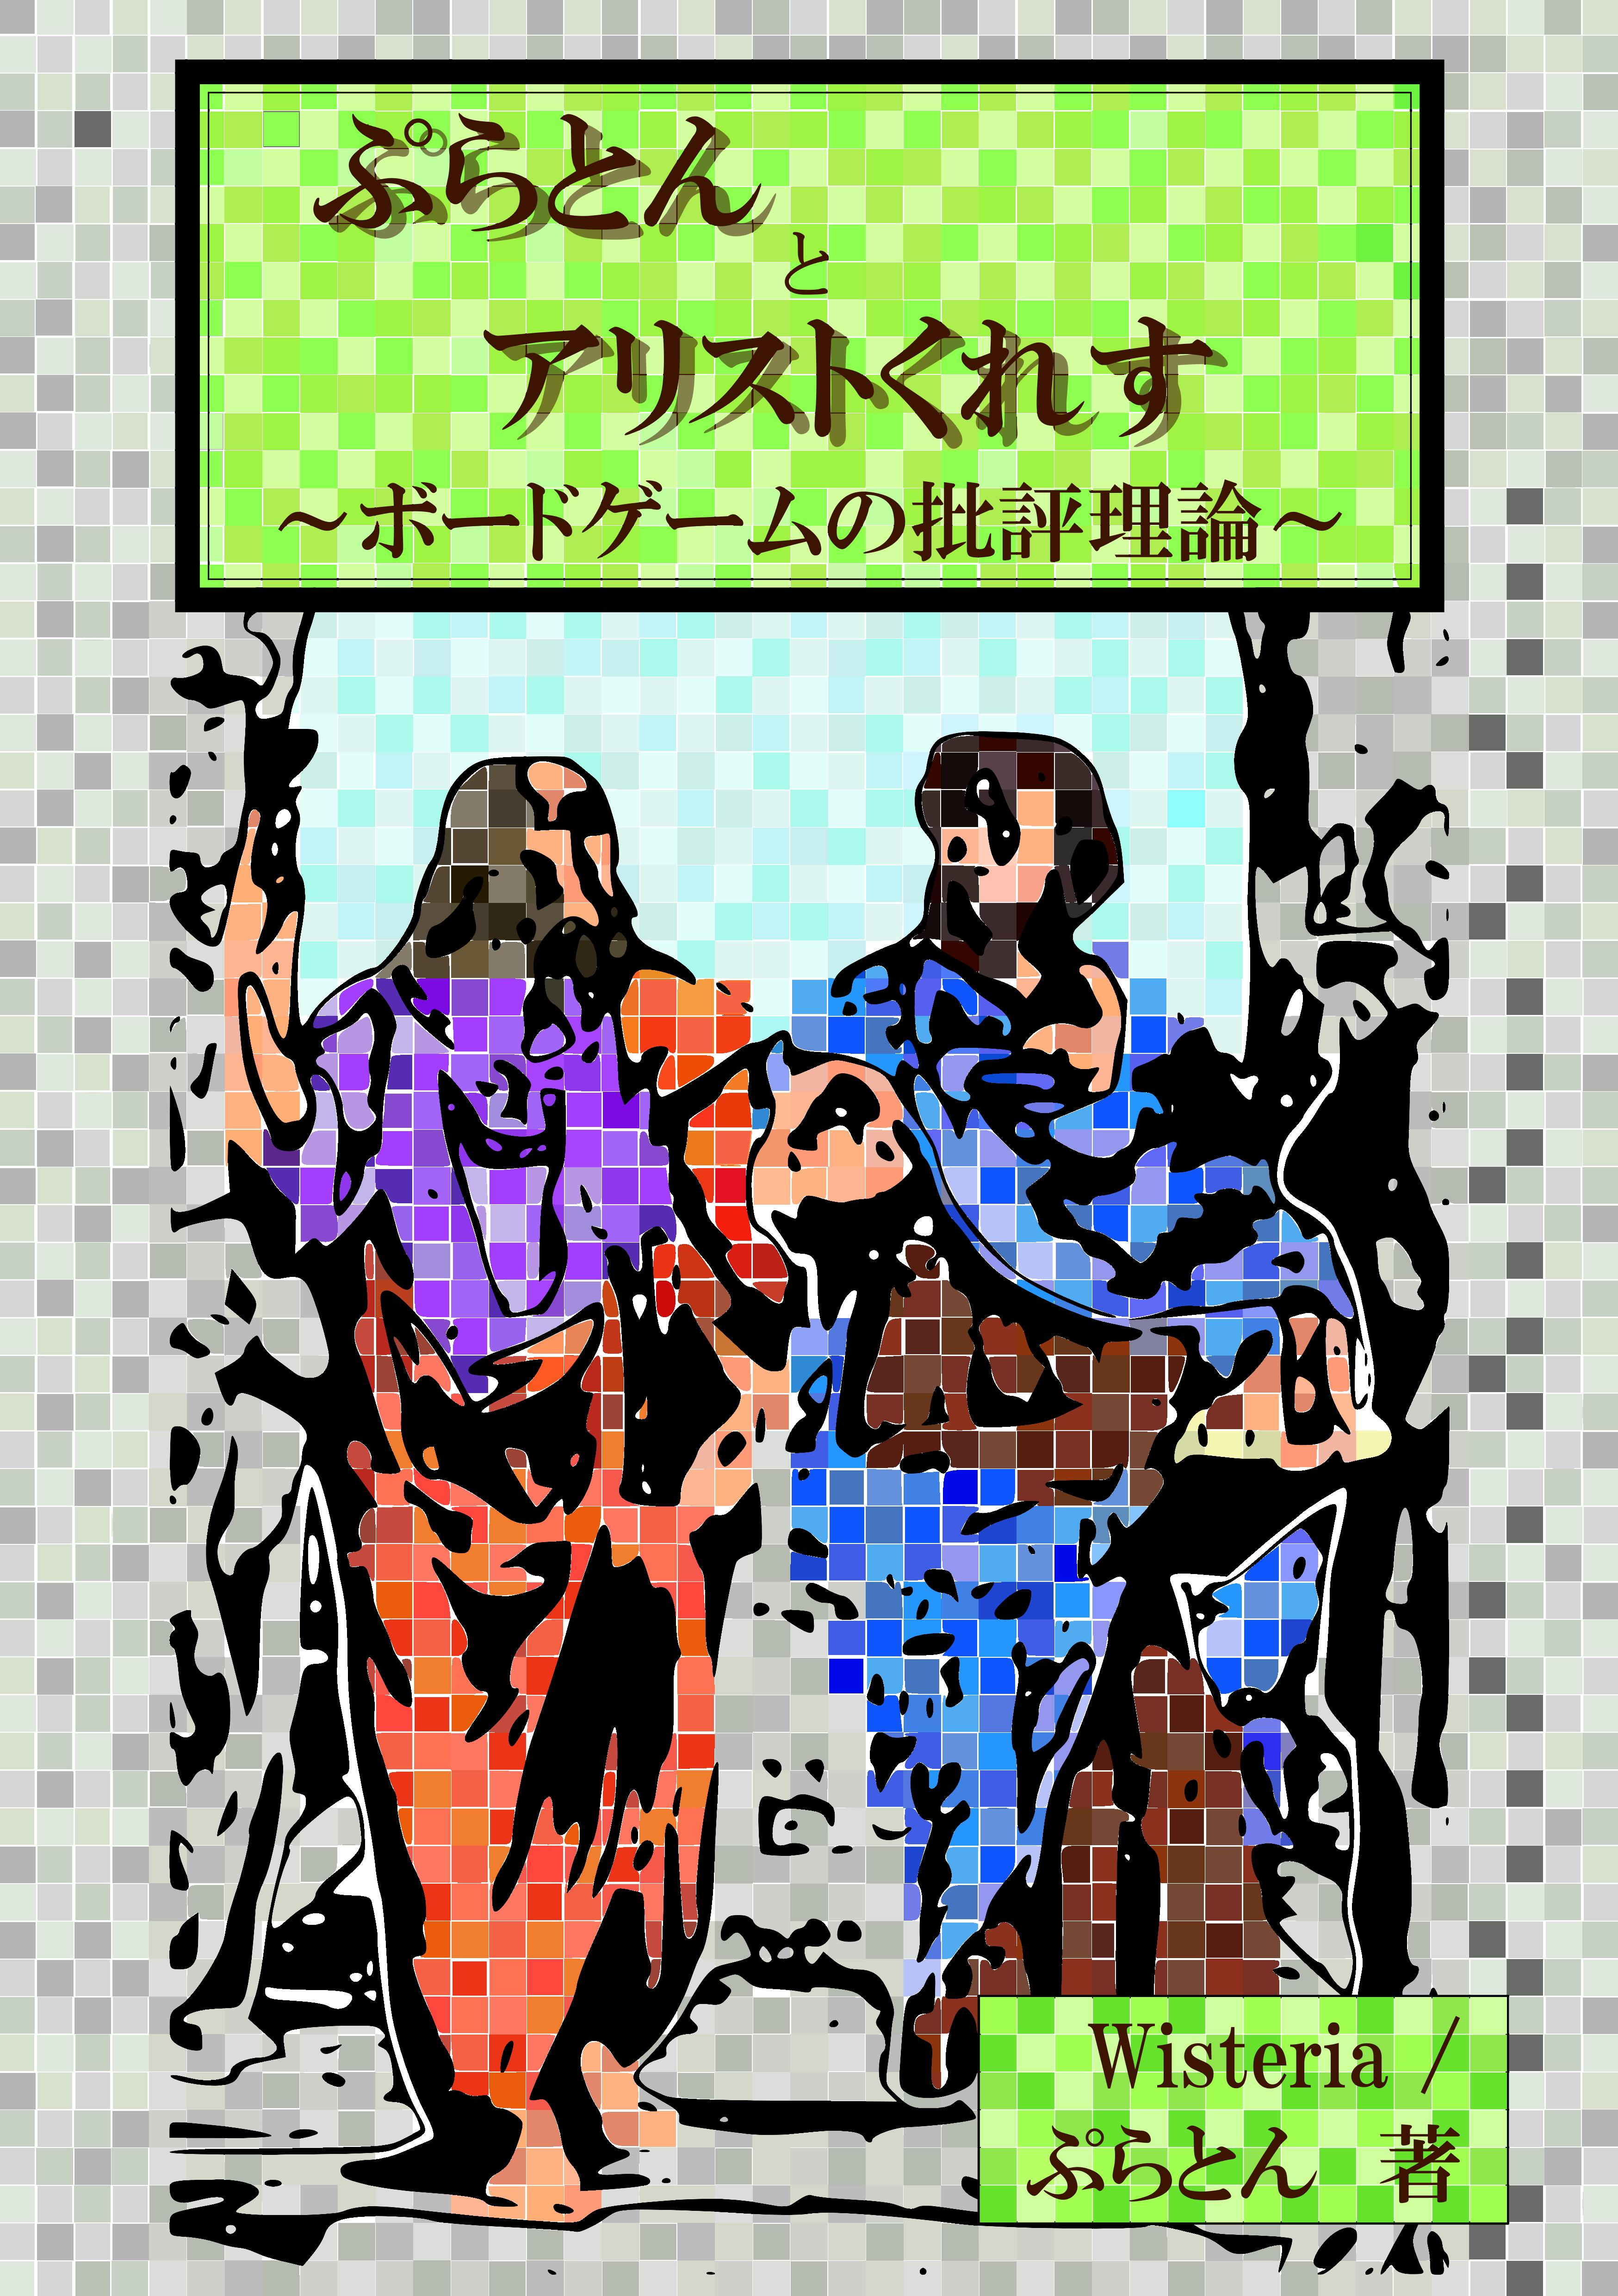 ぷらとんとアリストくれす表紙_宣伝用